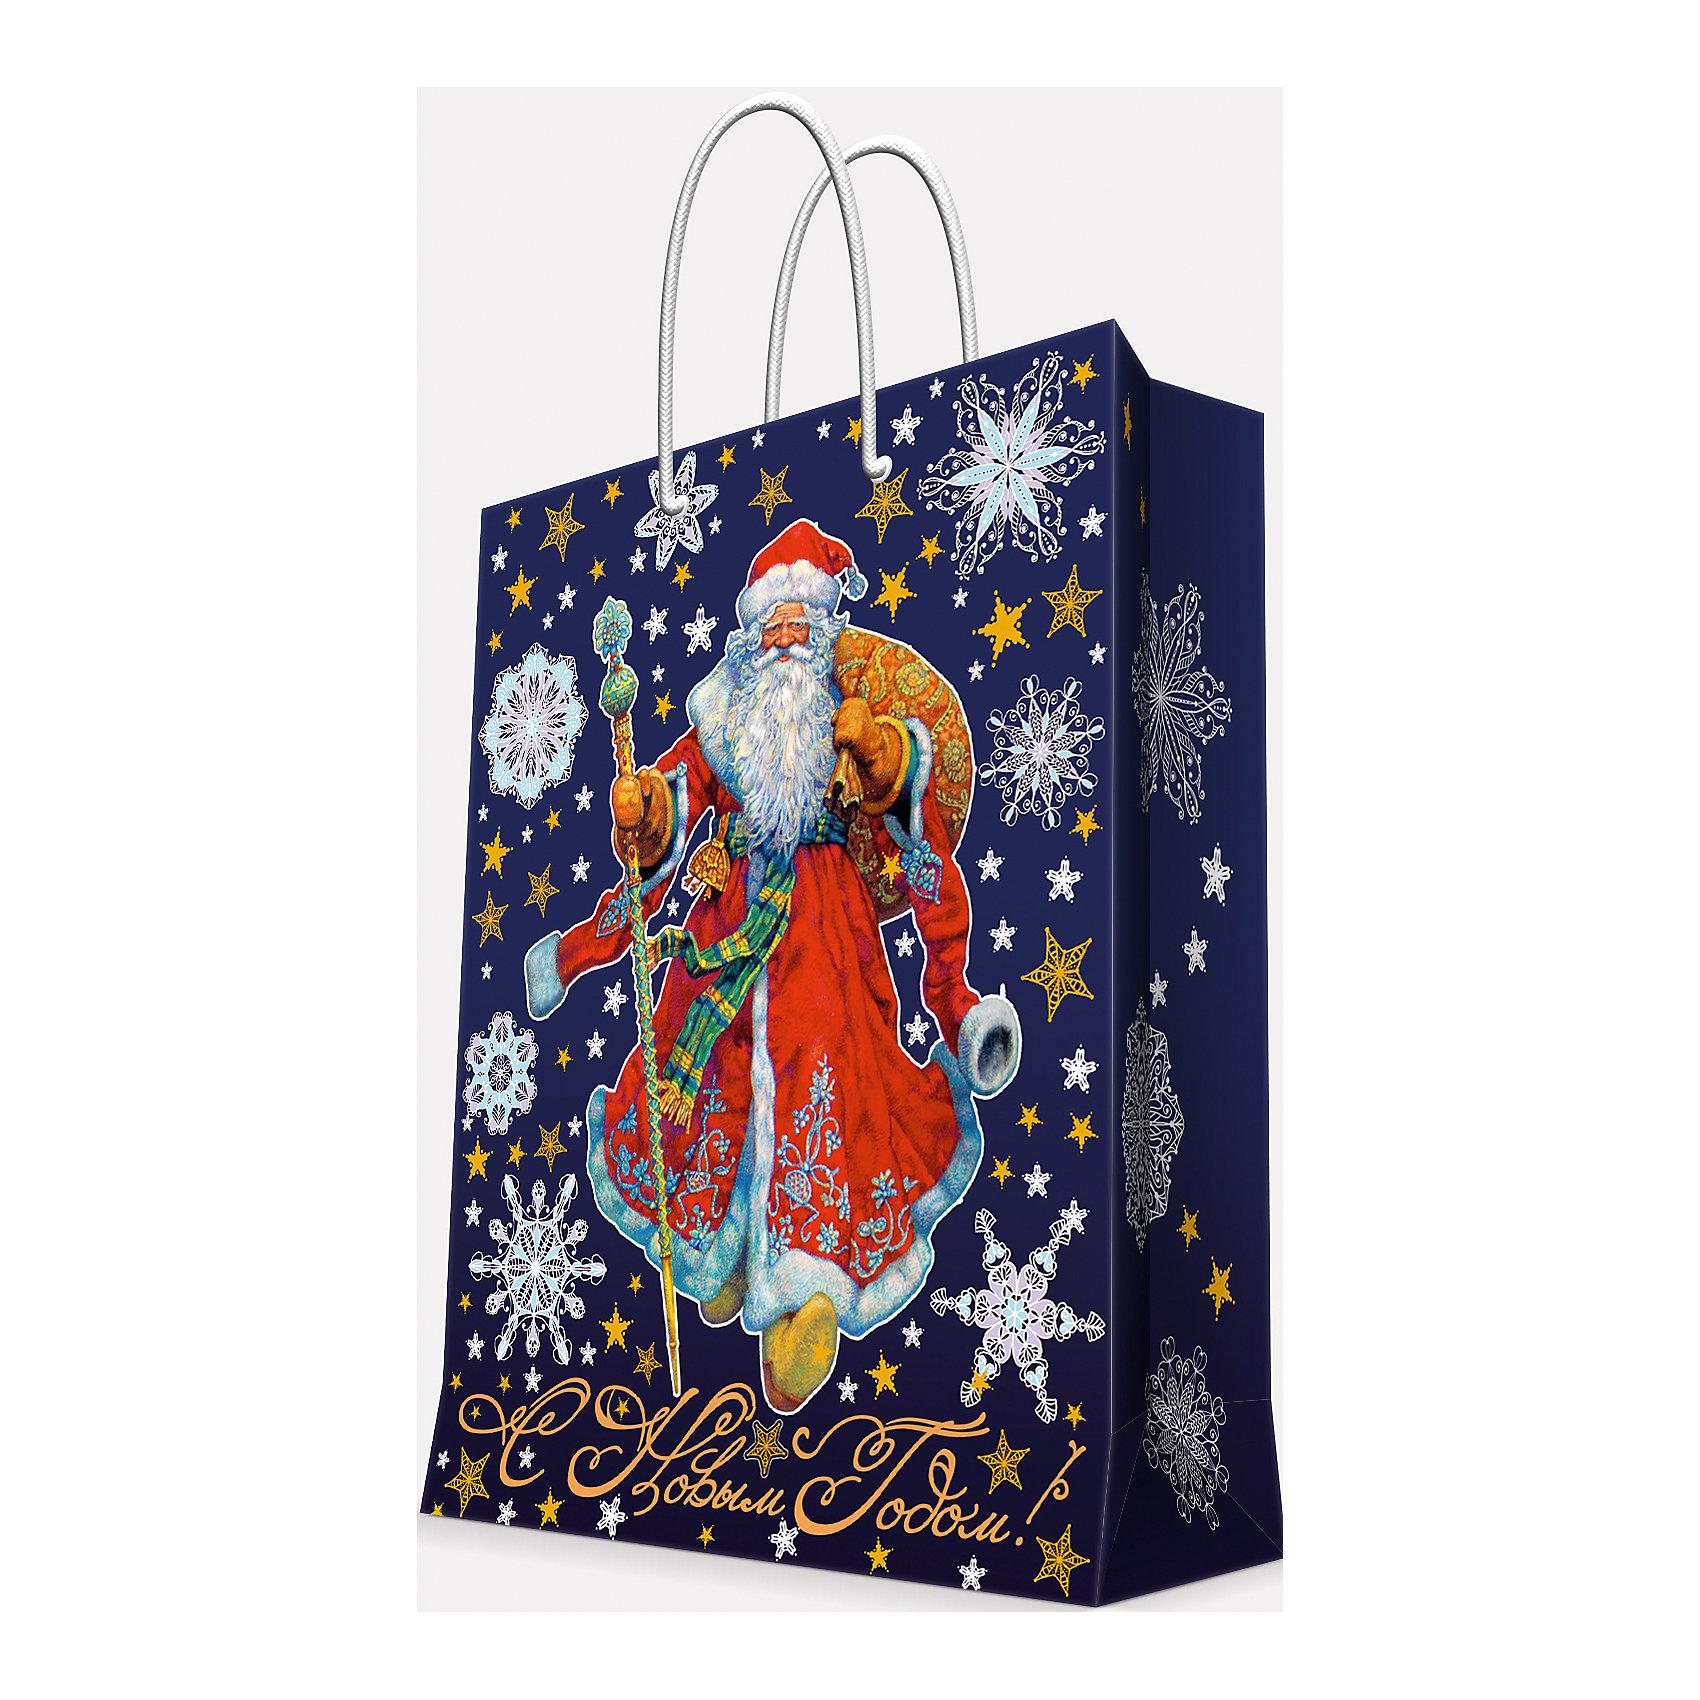 Подарочный пакет Дед Мороз в красном кафтане 26*32,4*12,7 смПриближение Нового года не может не радовать! Праздничное настроение создает украшенный дом, наряженная ёлка, запах мандаринов, предновогодняя суета и, конечно же, подарки! Чтобы сделать момент вручения приятнее, нужен красивый подарочный пакет.<br>Этот пакет украшен симпатичным универсальным рисунком, поэтому в него можно упаковать подарок и родственнику, и коллеге. Он сделан из безопасного для детей, прочного, но легкого, материала. Создайте с ним праздничное настроение себе и близким!<br><br>Дополнительная информация:<br><br>плотность бумаги: 140 г/м2;<br>размер: 26 х 32 х 13 см;<br>с ламинацией;<br>украшен рисунком.<br><br>Подарочный пакет Дед Мороз в красном кафтане 26*32,4*12,7 см можно купить в нашем магазине.<br><br>Ширина мм: 260<br>Глубина мм: 234<br>Высота мм: 127<br>Вес г: 71<br>Возраст от месяцев: 36<br>Возраст до месяцев: 2147483647<br>Пол: Унисекс<br>Возраст: Детский<br>SKU: 4981585